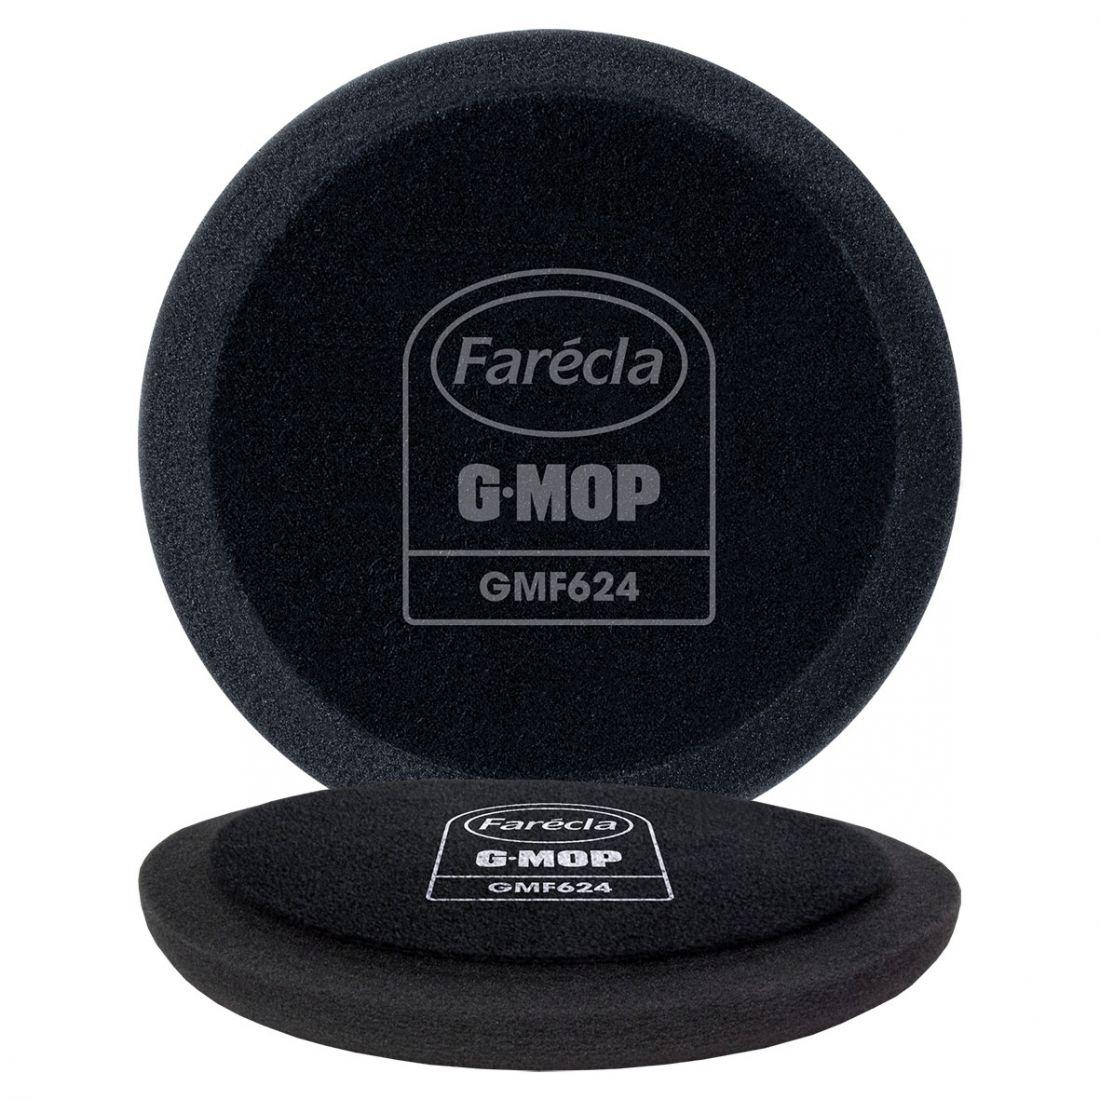 """FARECLA G Mop 3"""" Black Finishing Foams Полировальник для финишной пасты, 80мм"""